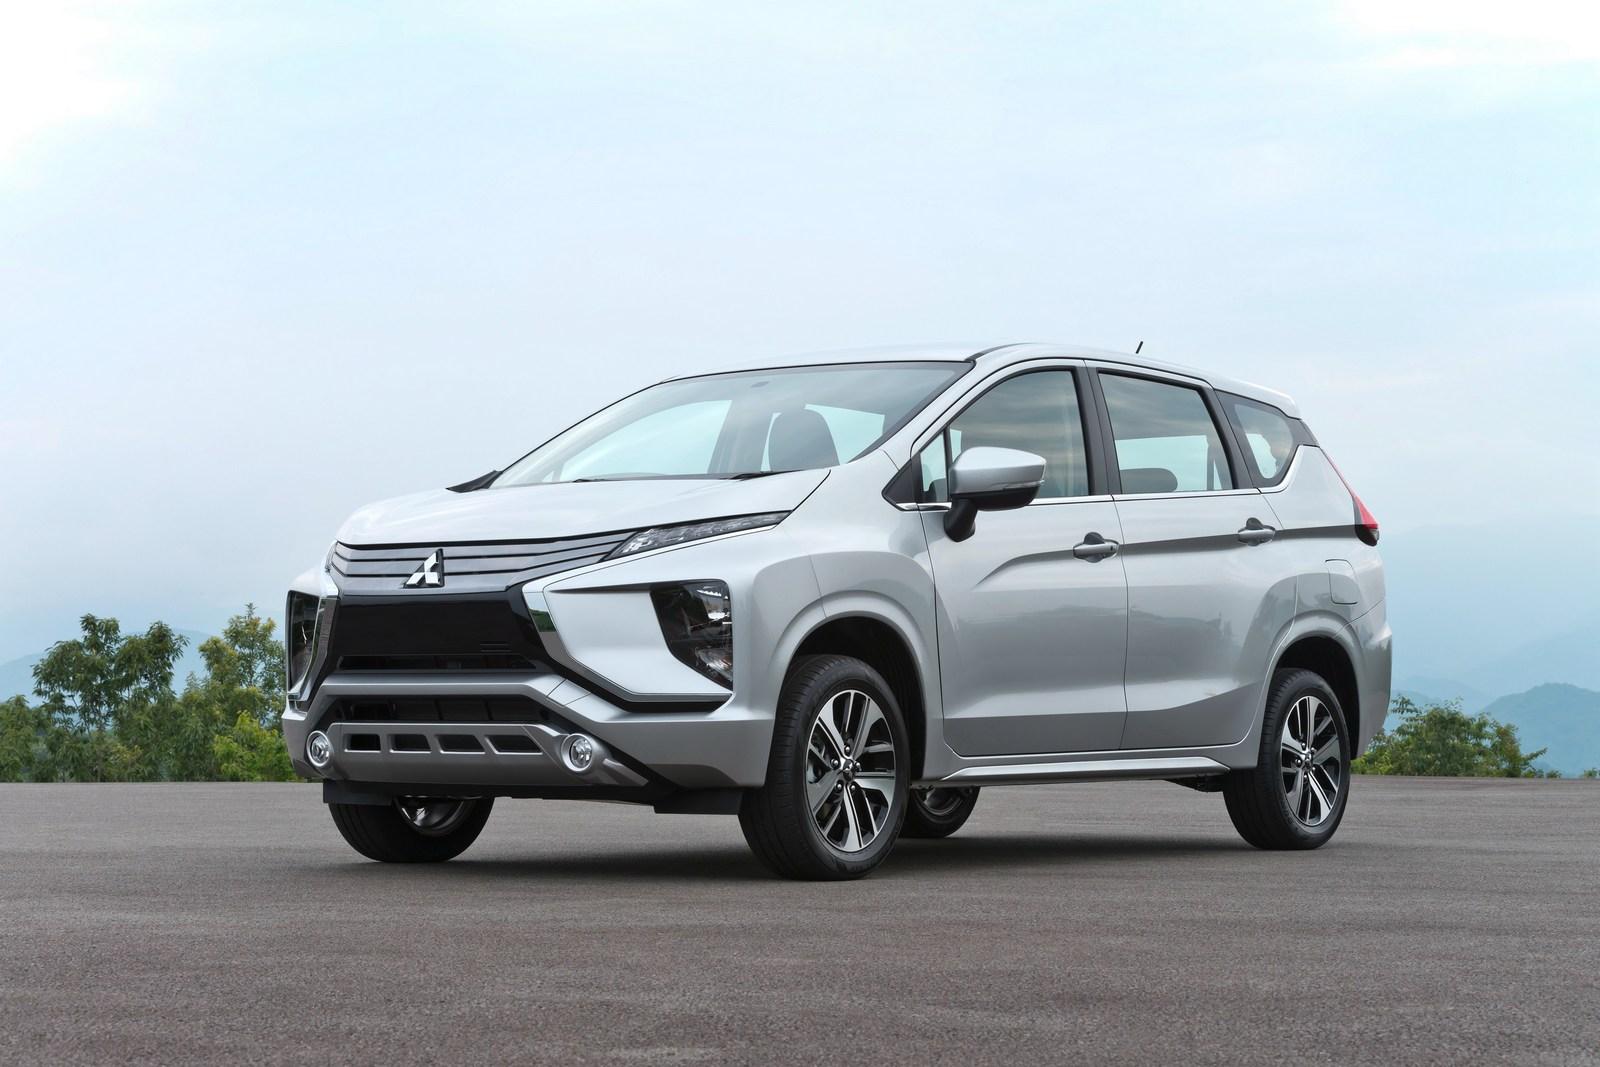 2018_Mitsubishi_Xpander_12